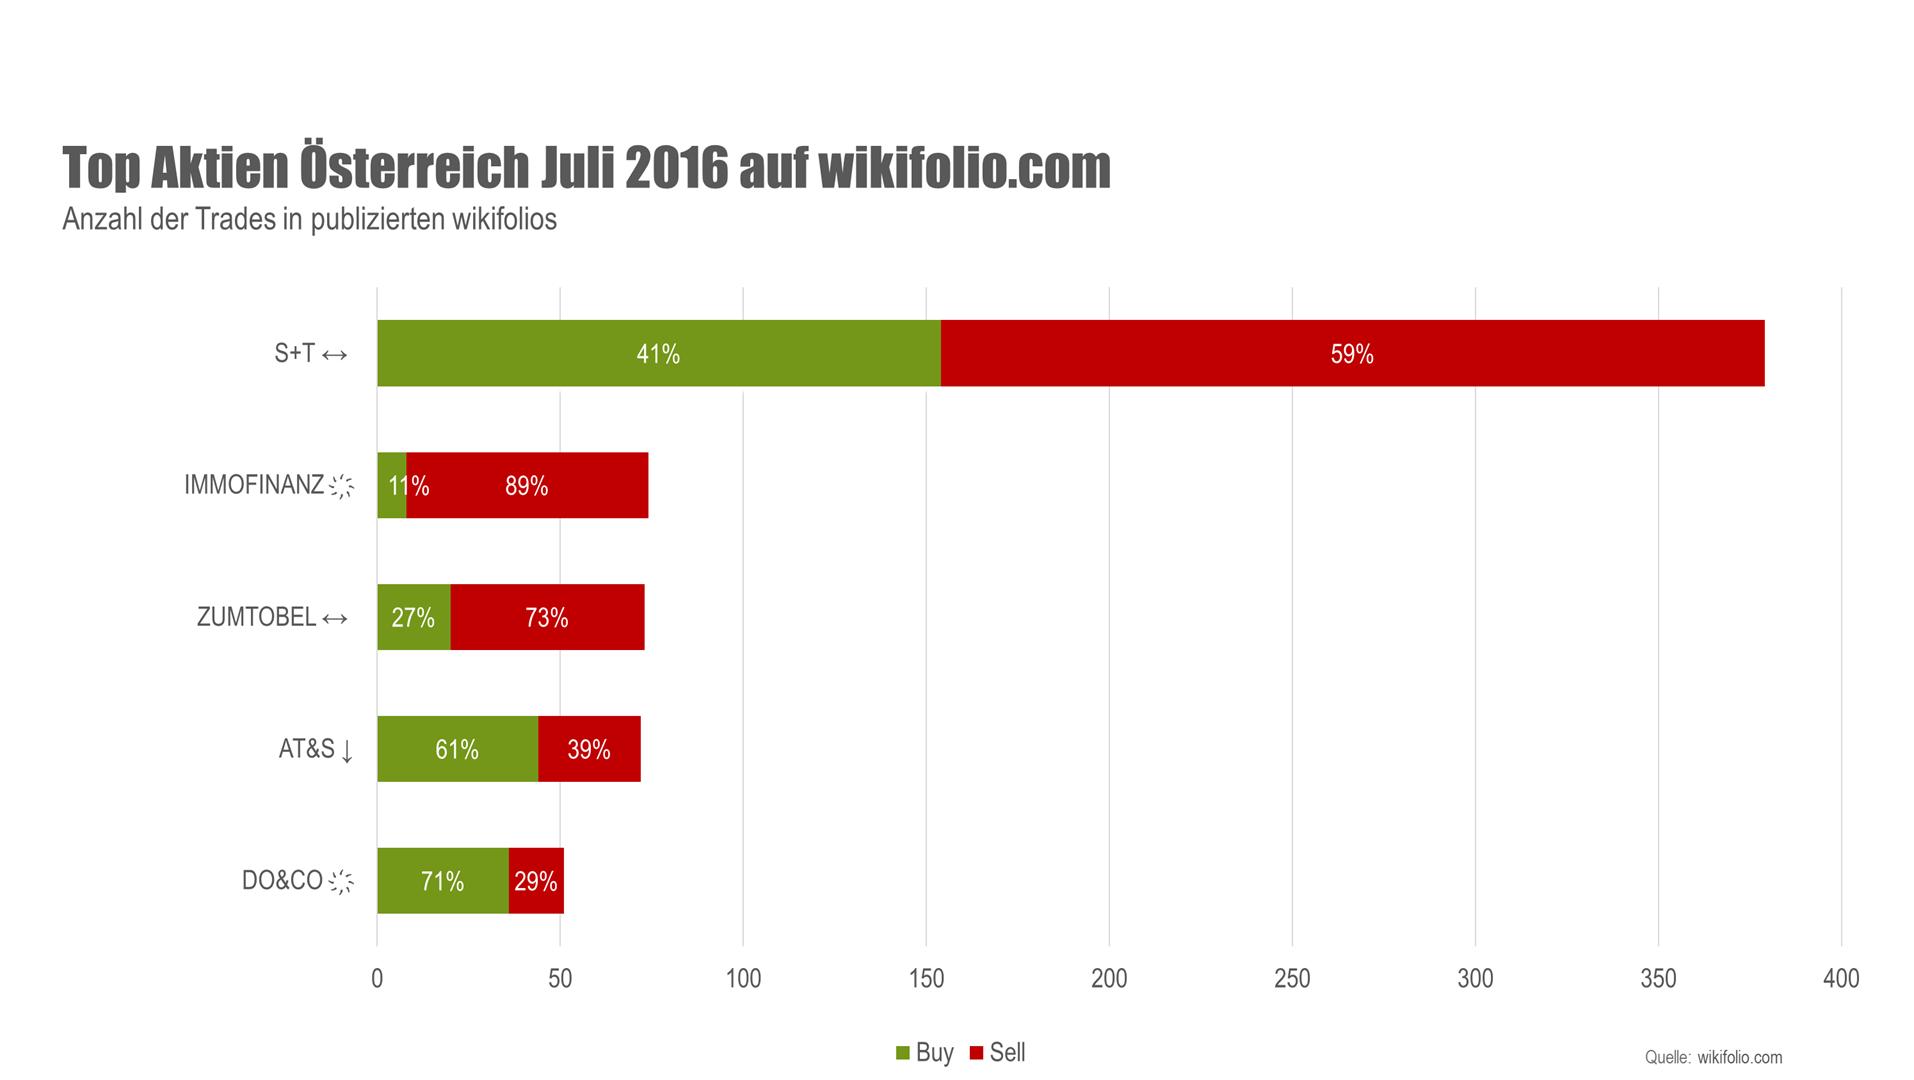 Grafik Top-5-Aktien Österreich